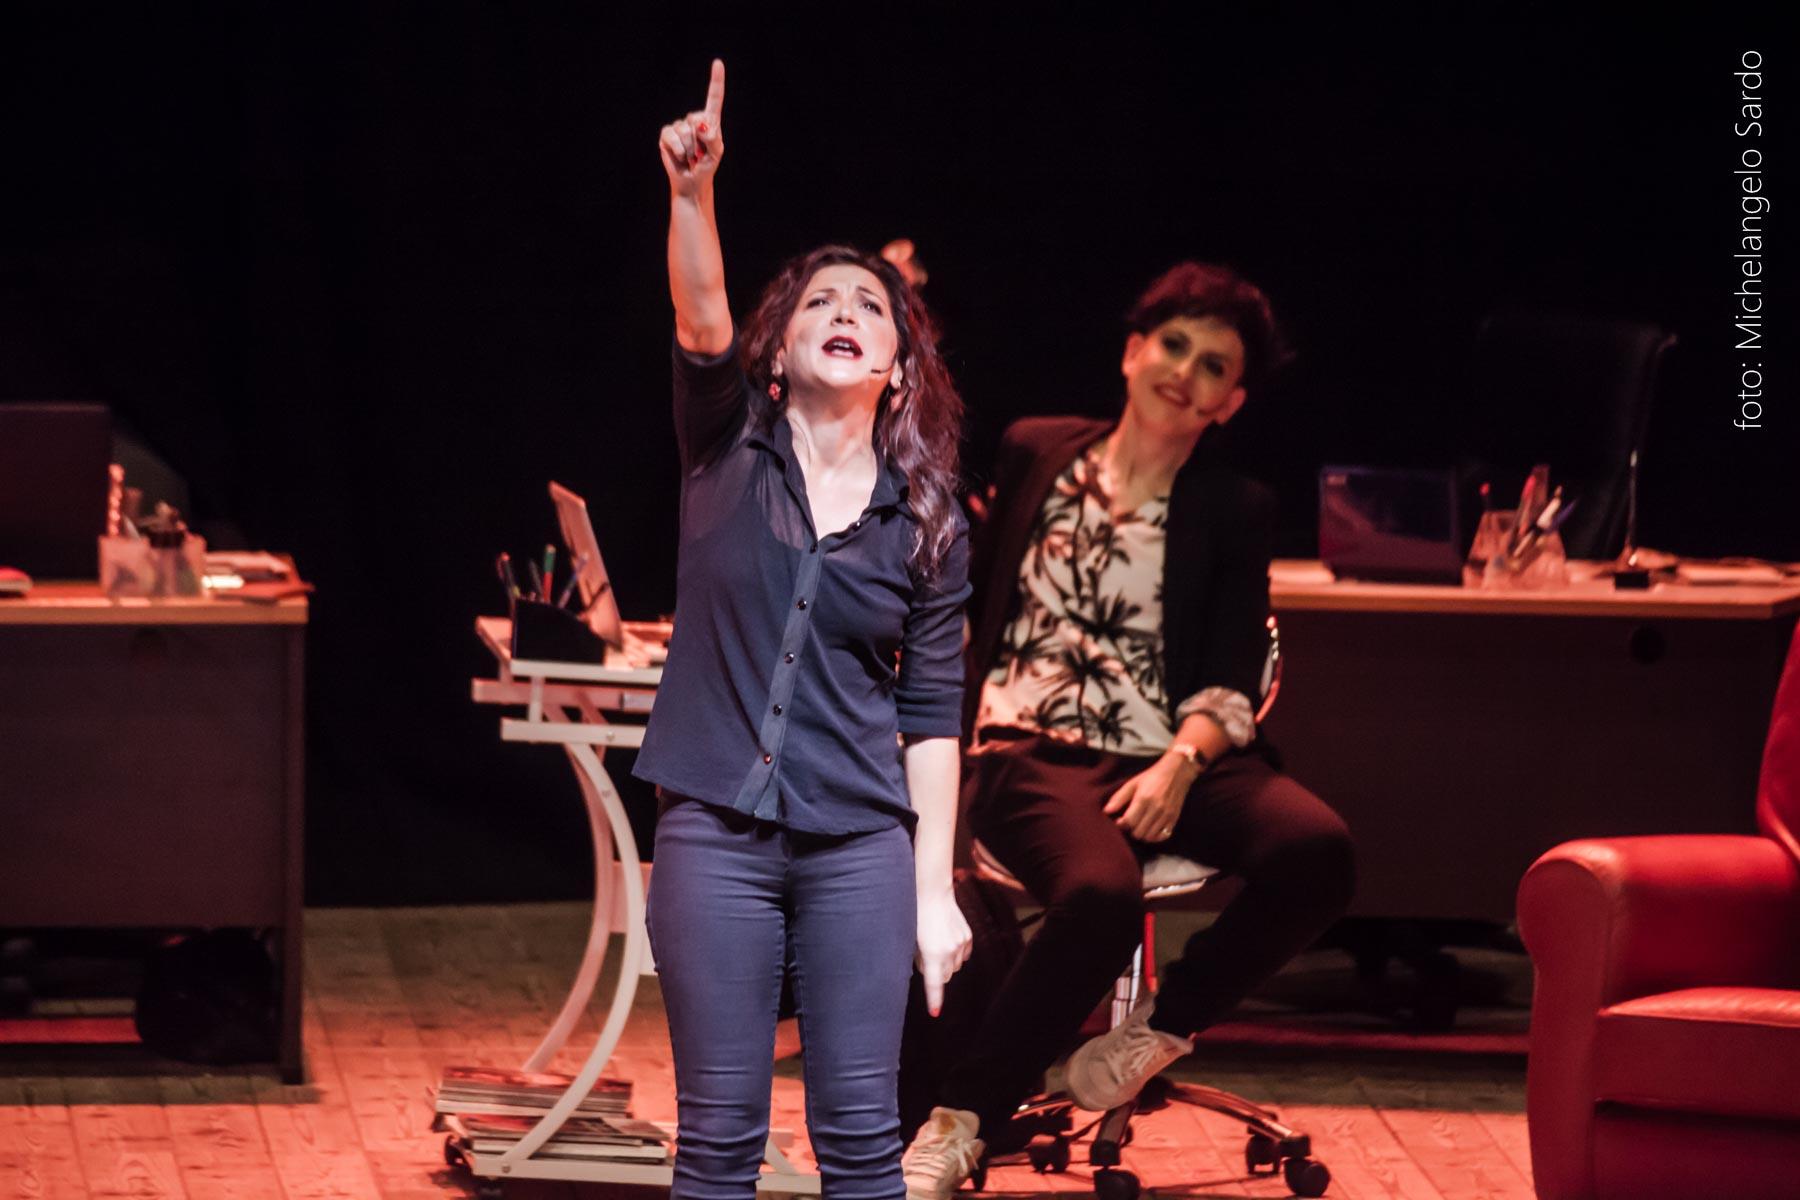 2La conosci Giulia TanyaMara Grande successo per lo spettacolo La conosci Giulia?